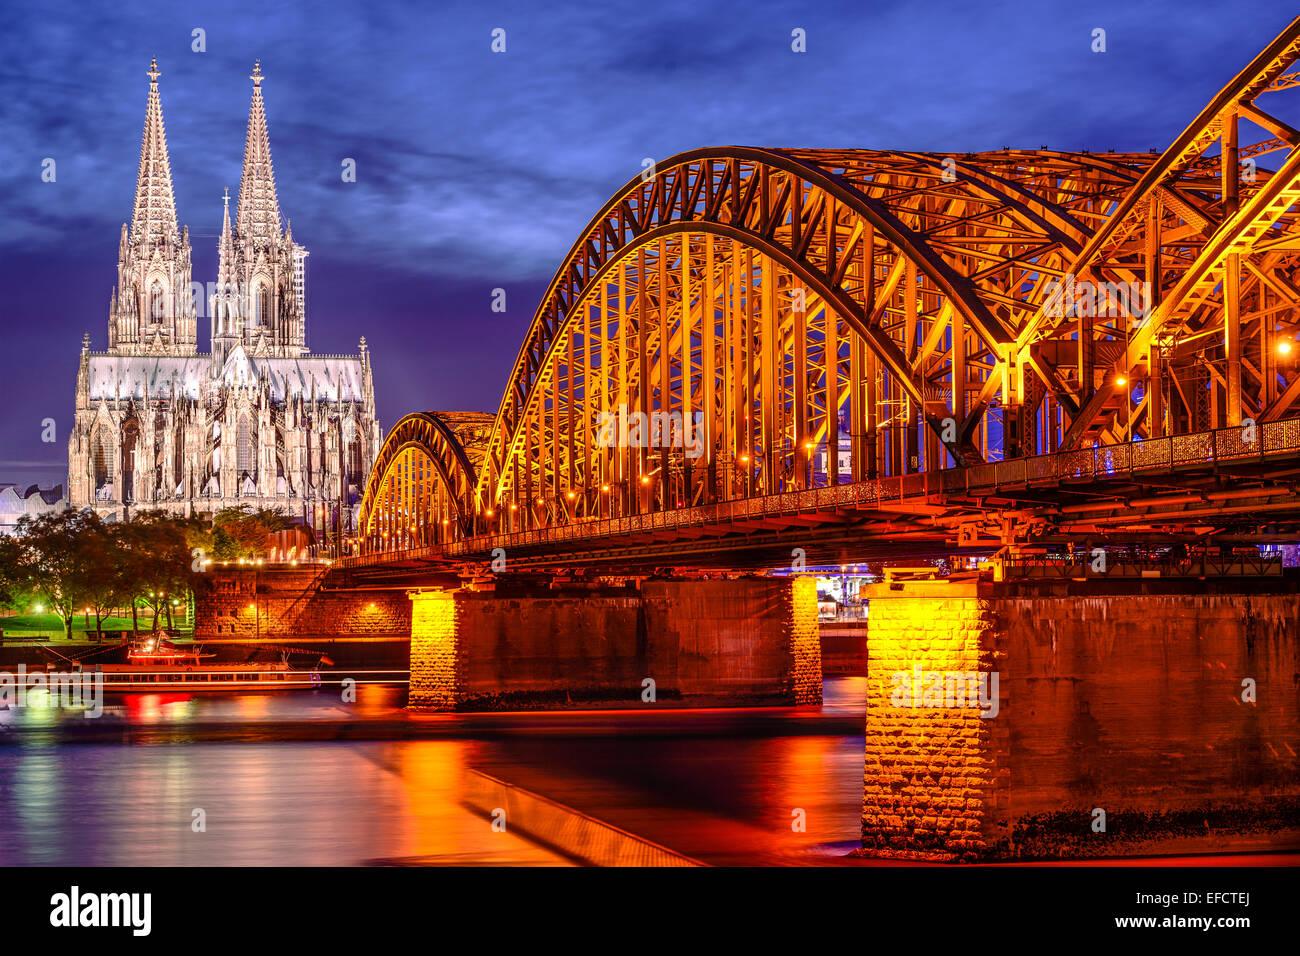 Colonia, Germania città vecchia skyline presso la cattedrale di Colonia e il ponte di Hohenzollern. Immagini Stock